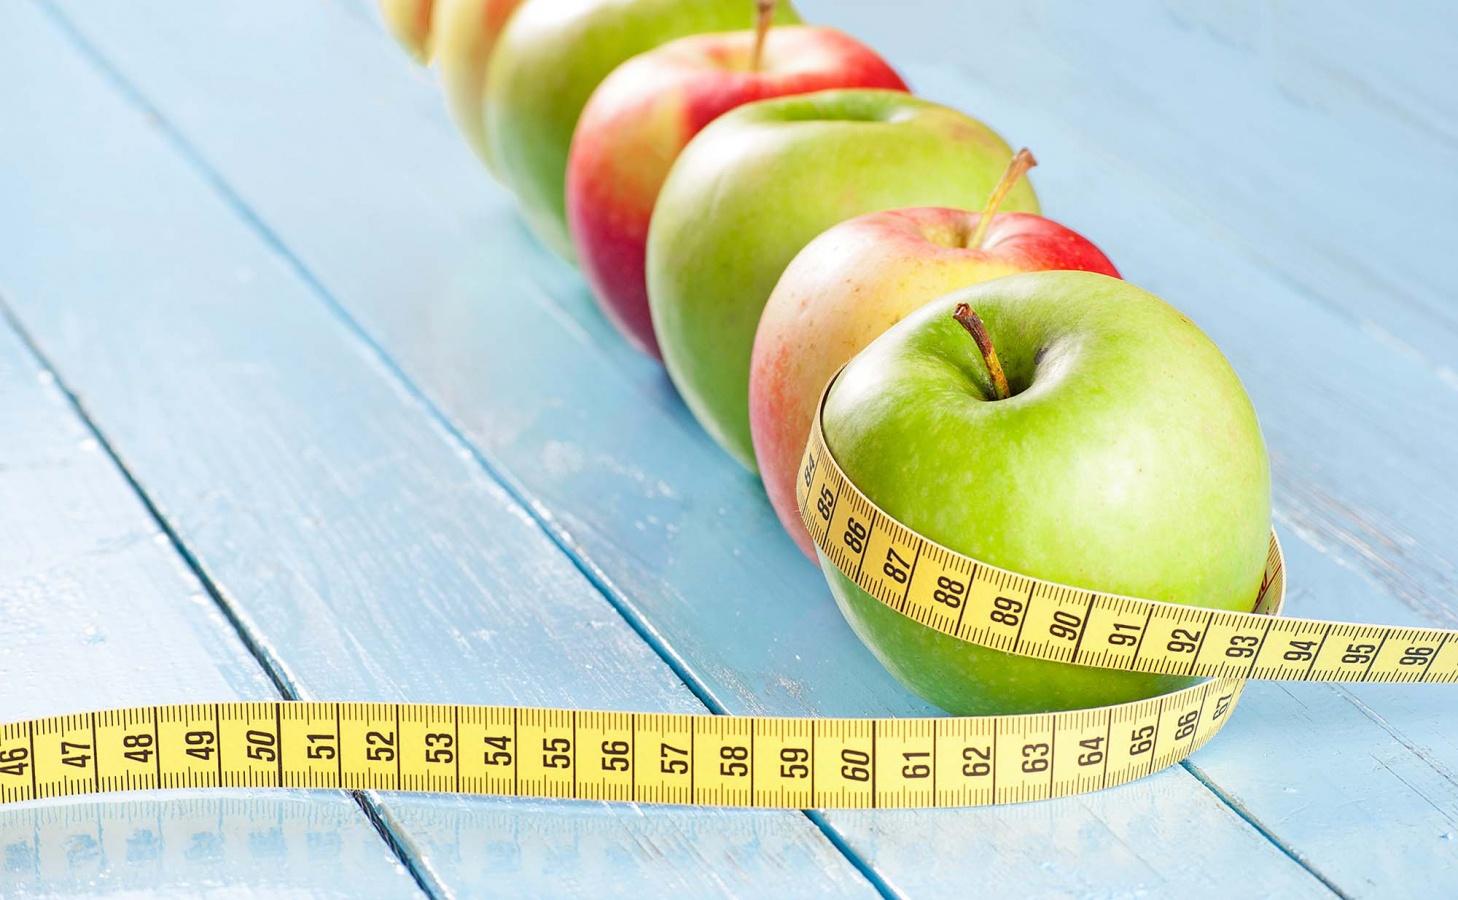 Эффект Похудения От Яблок. Яблочная диета